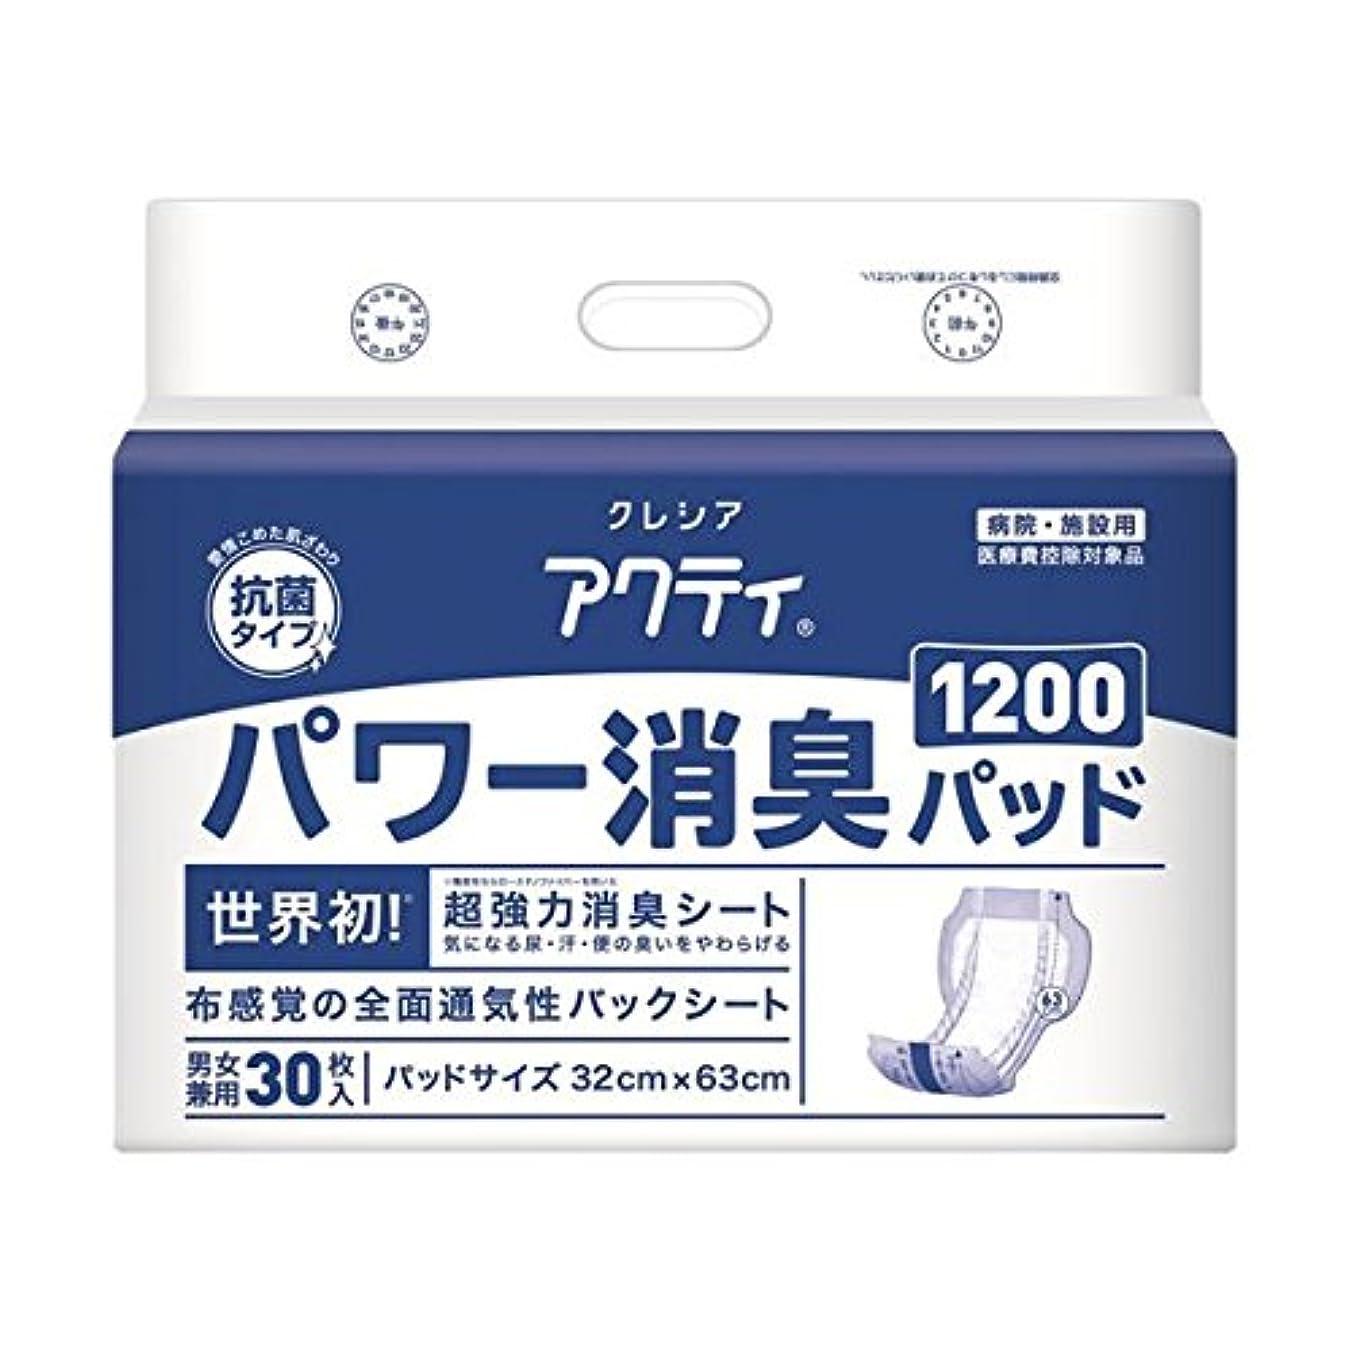 展望台感情探す(業務用2セット) 日本製紙クレシア アクティ パワー消臭パッド1200 30枚 ダイエット 健康 衛生用品 おむつ パンツ 14067381 [並行輸入品]